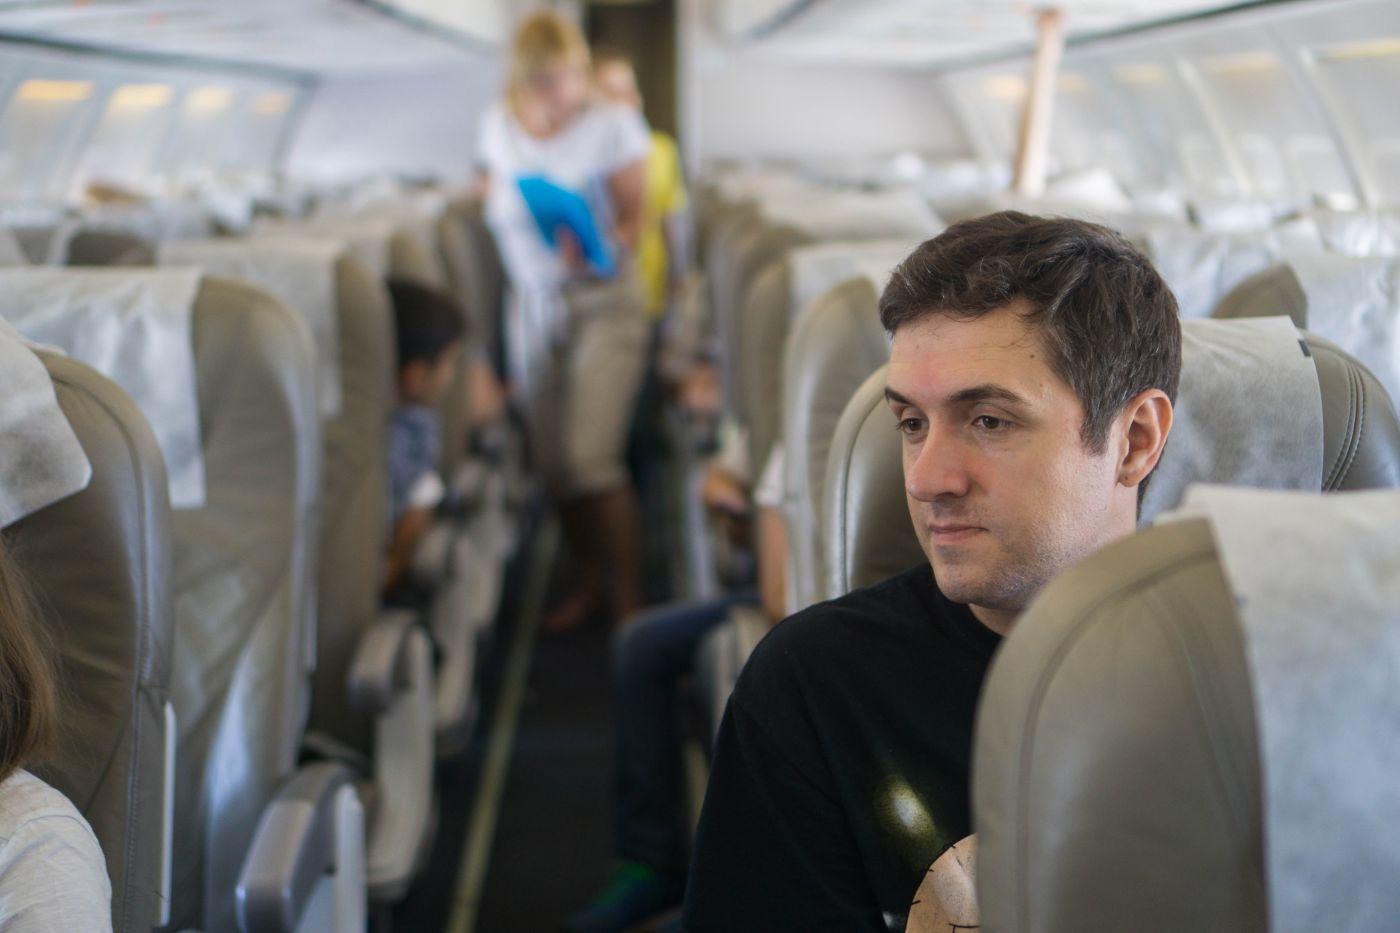 Pasażer w samolocie